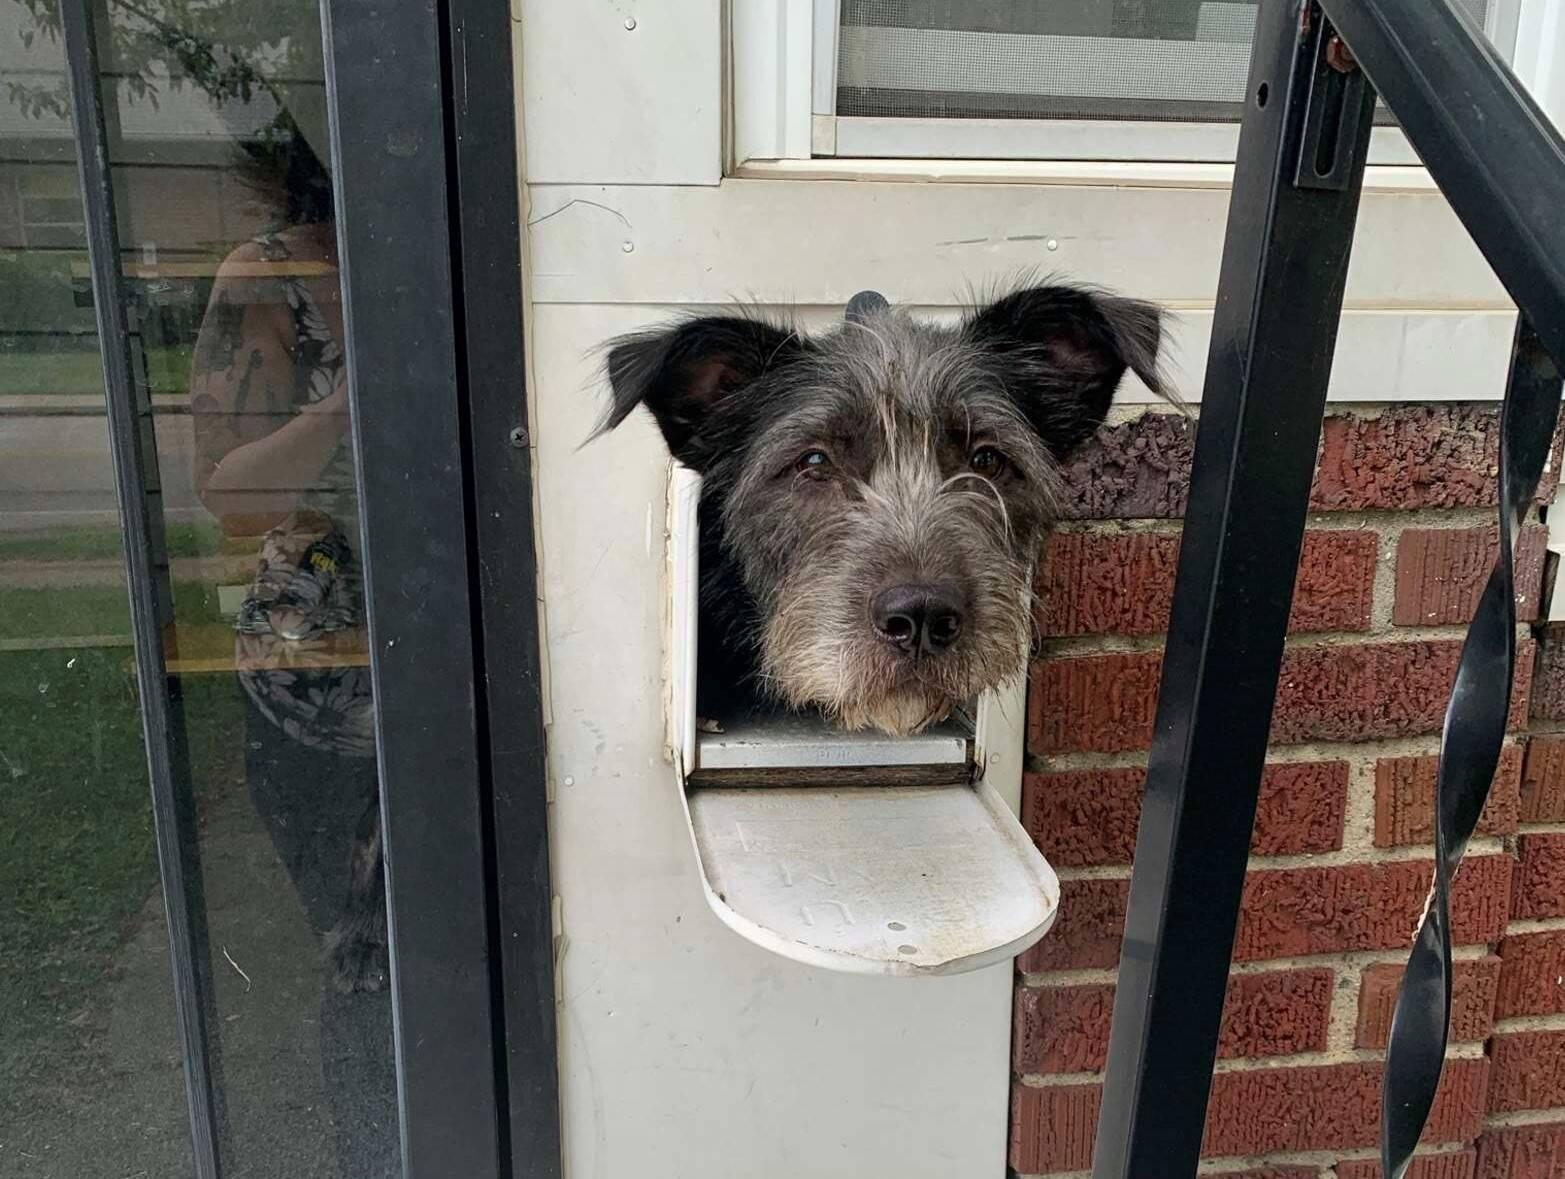 Cão usa caixa de correio para cumprimentar a vizinhança